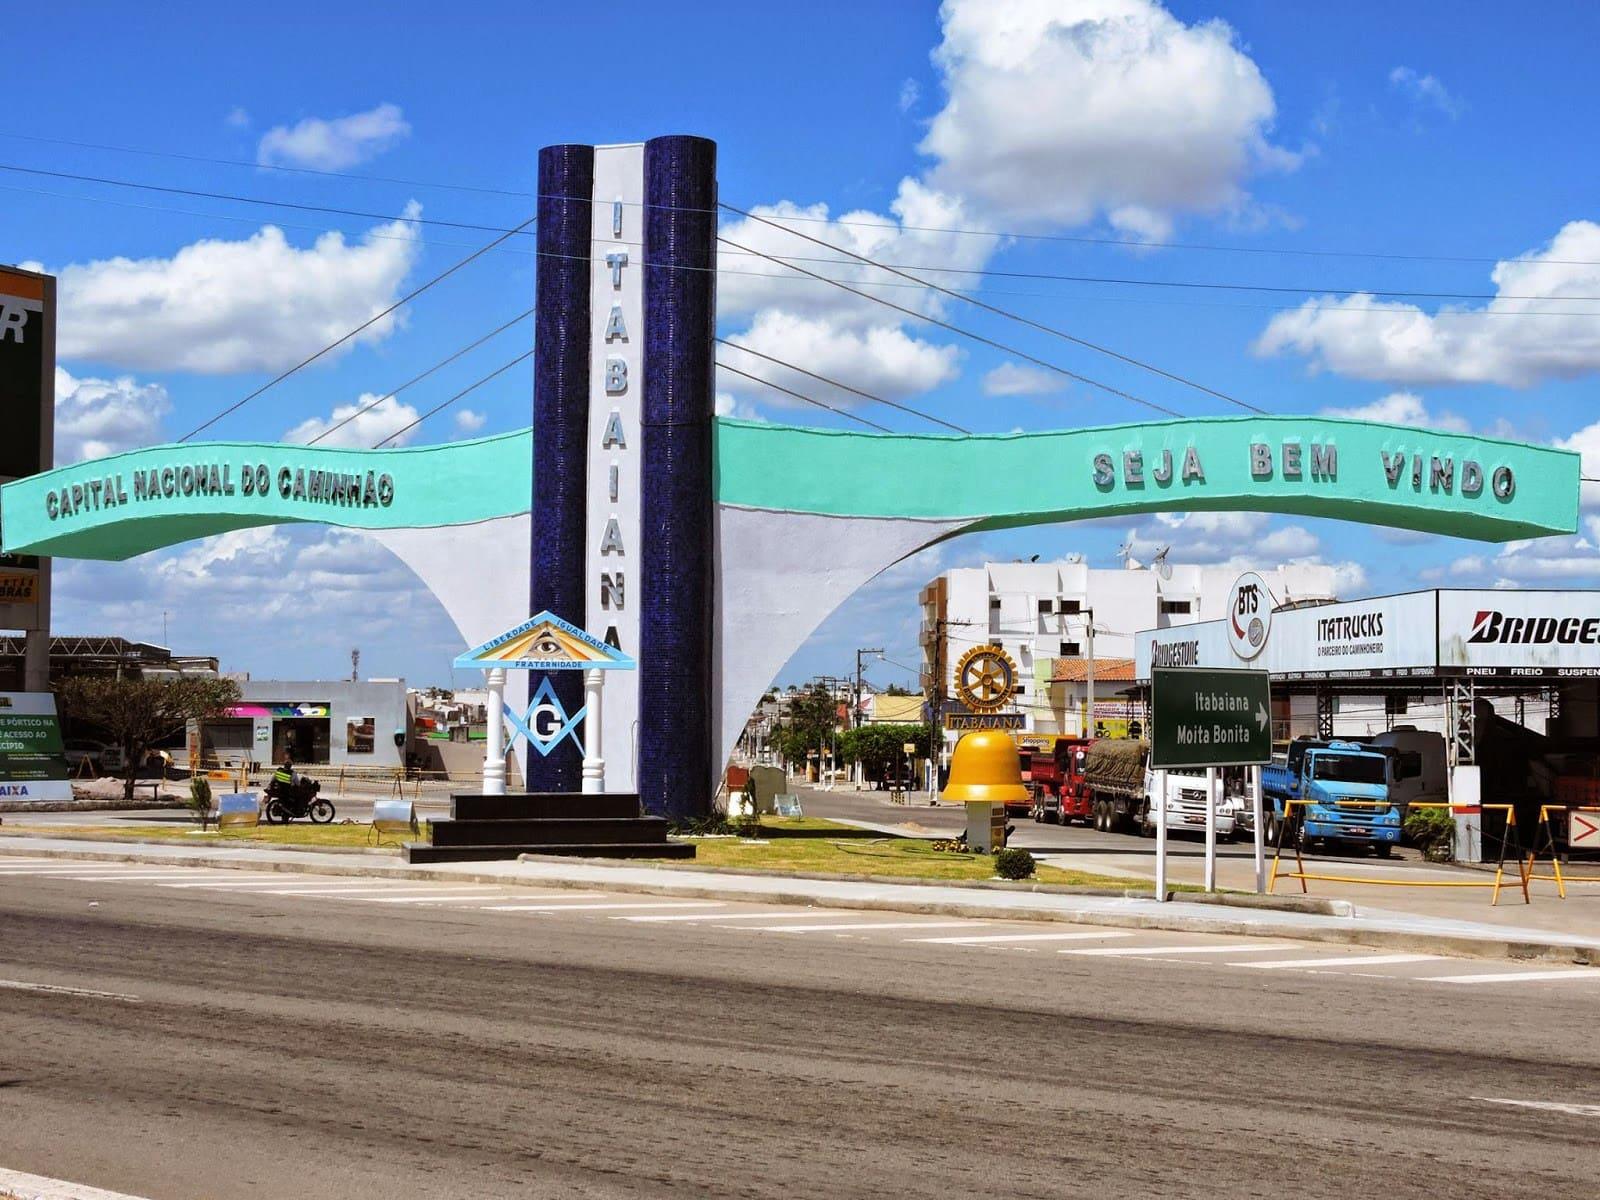 Imagem da entrada na cidade que possibilita várias oportunidades para quem quer abrir empresa em Itabaiana